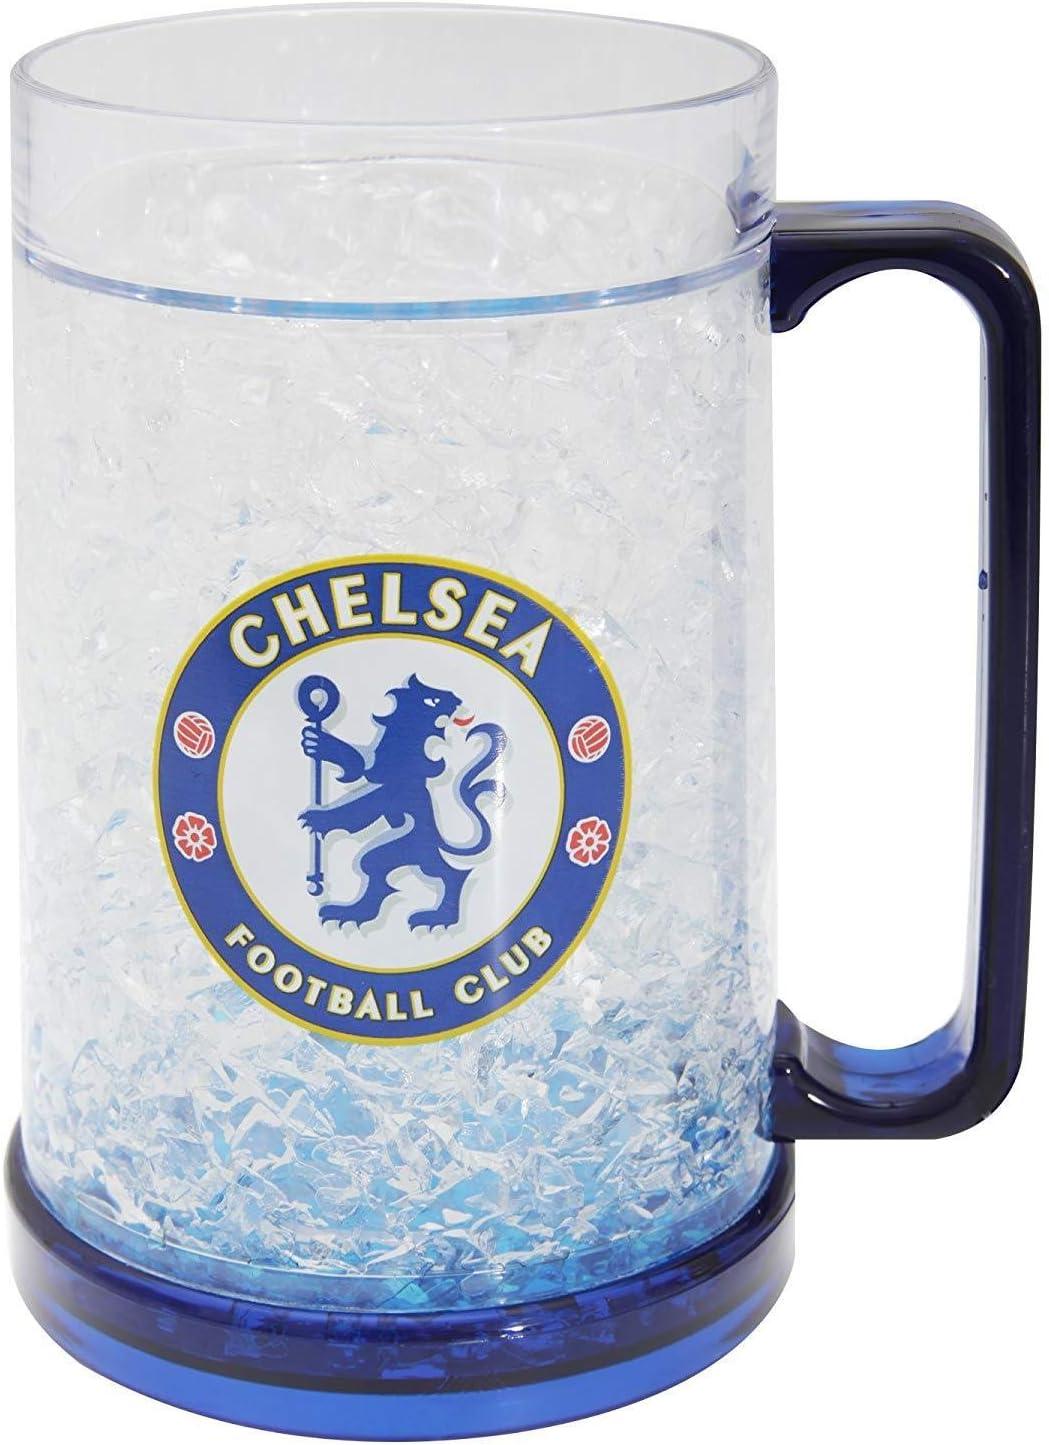 Chelsea F.C. Jarra de Plástico para Congelar: Amazon.es: Deportes ...